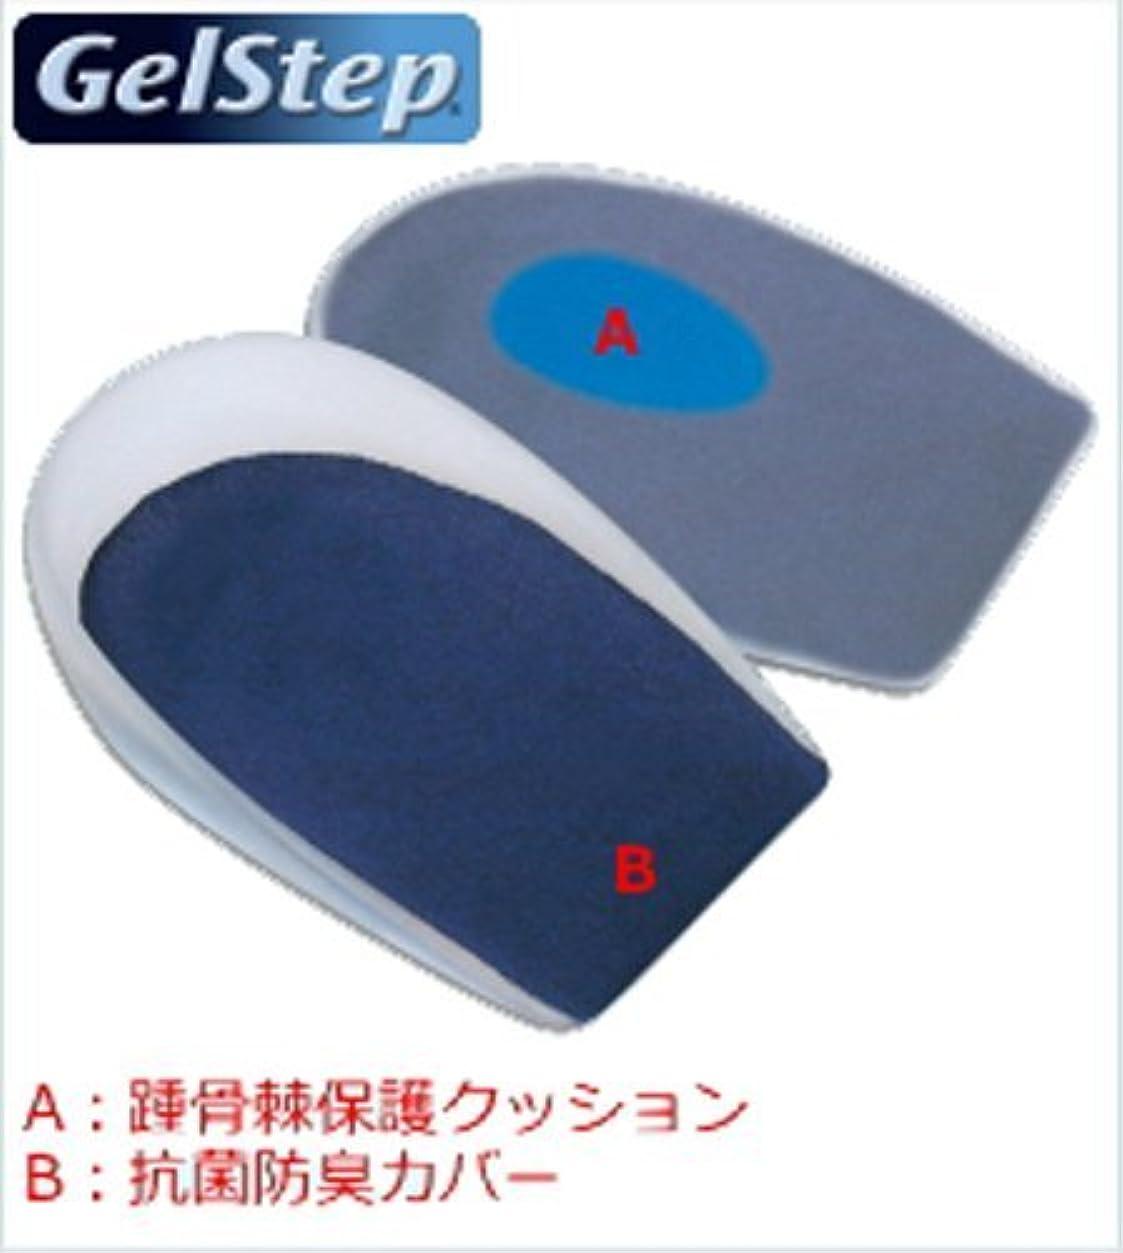 報いる北米アニメーションシリコン?ヒールカップ 高反発タイプ 踵骨棘保護クッション付き(5054 SC S-Gel)